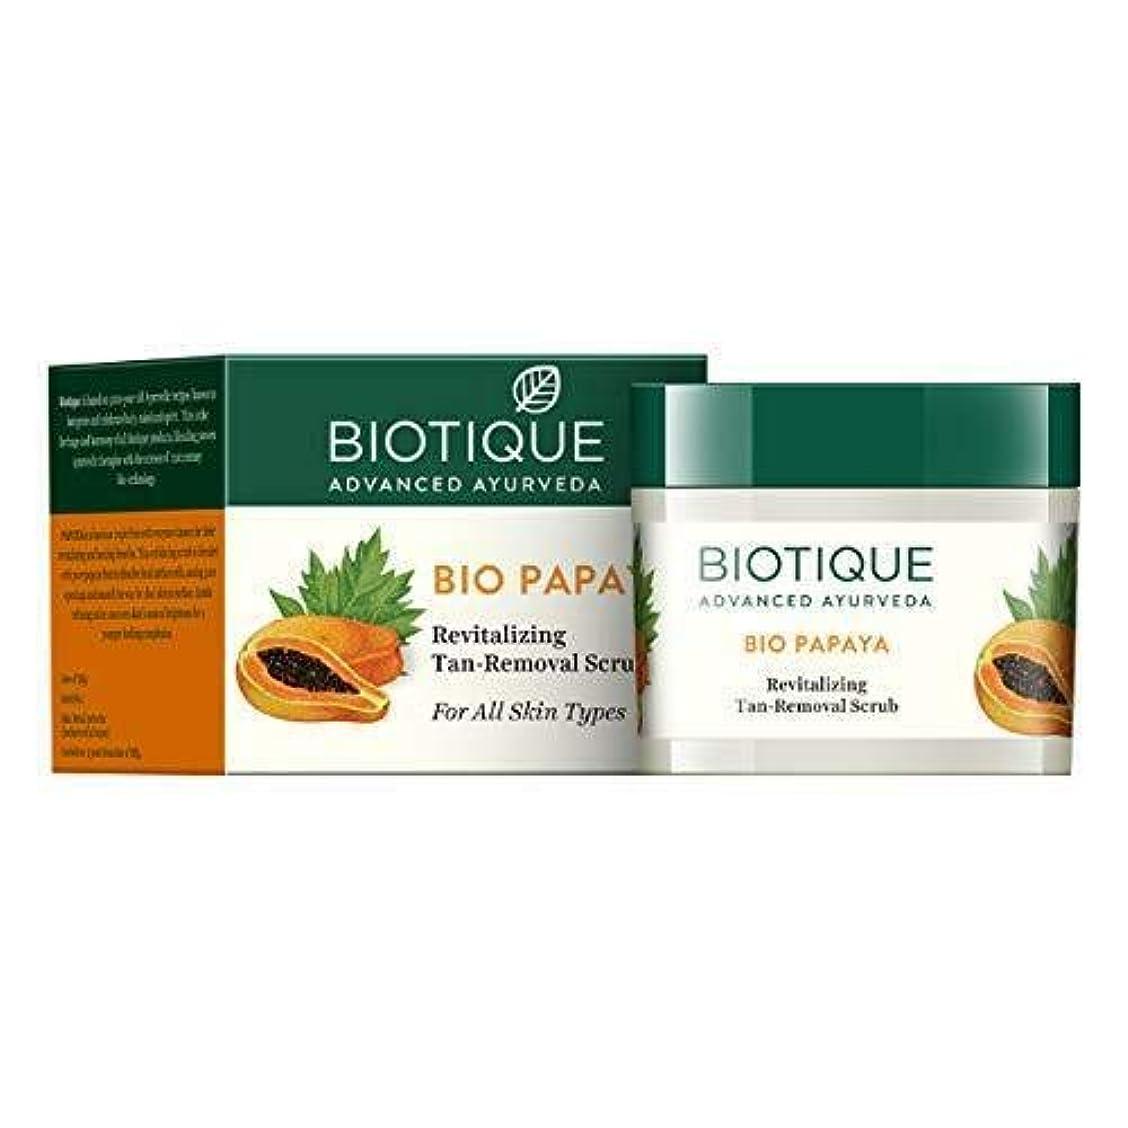 ストラトフォードオンエイボンつま先浮くBiotique Bio Papaya Revitalizing Tan Removal Scrub for All Skin Types 75g すべての肌タイプのための日焼け除去スクラブを活性化させるBiotique...